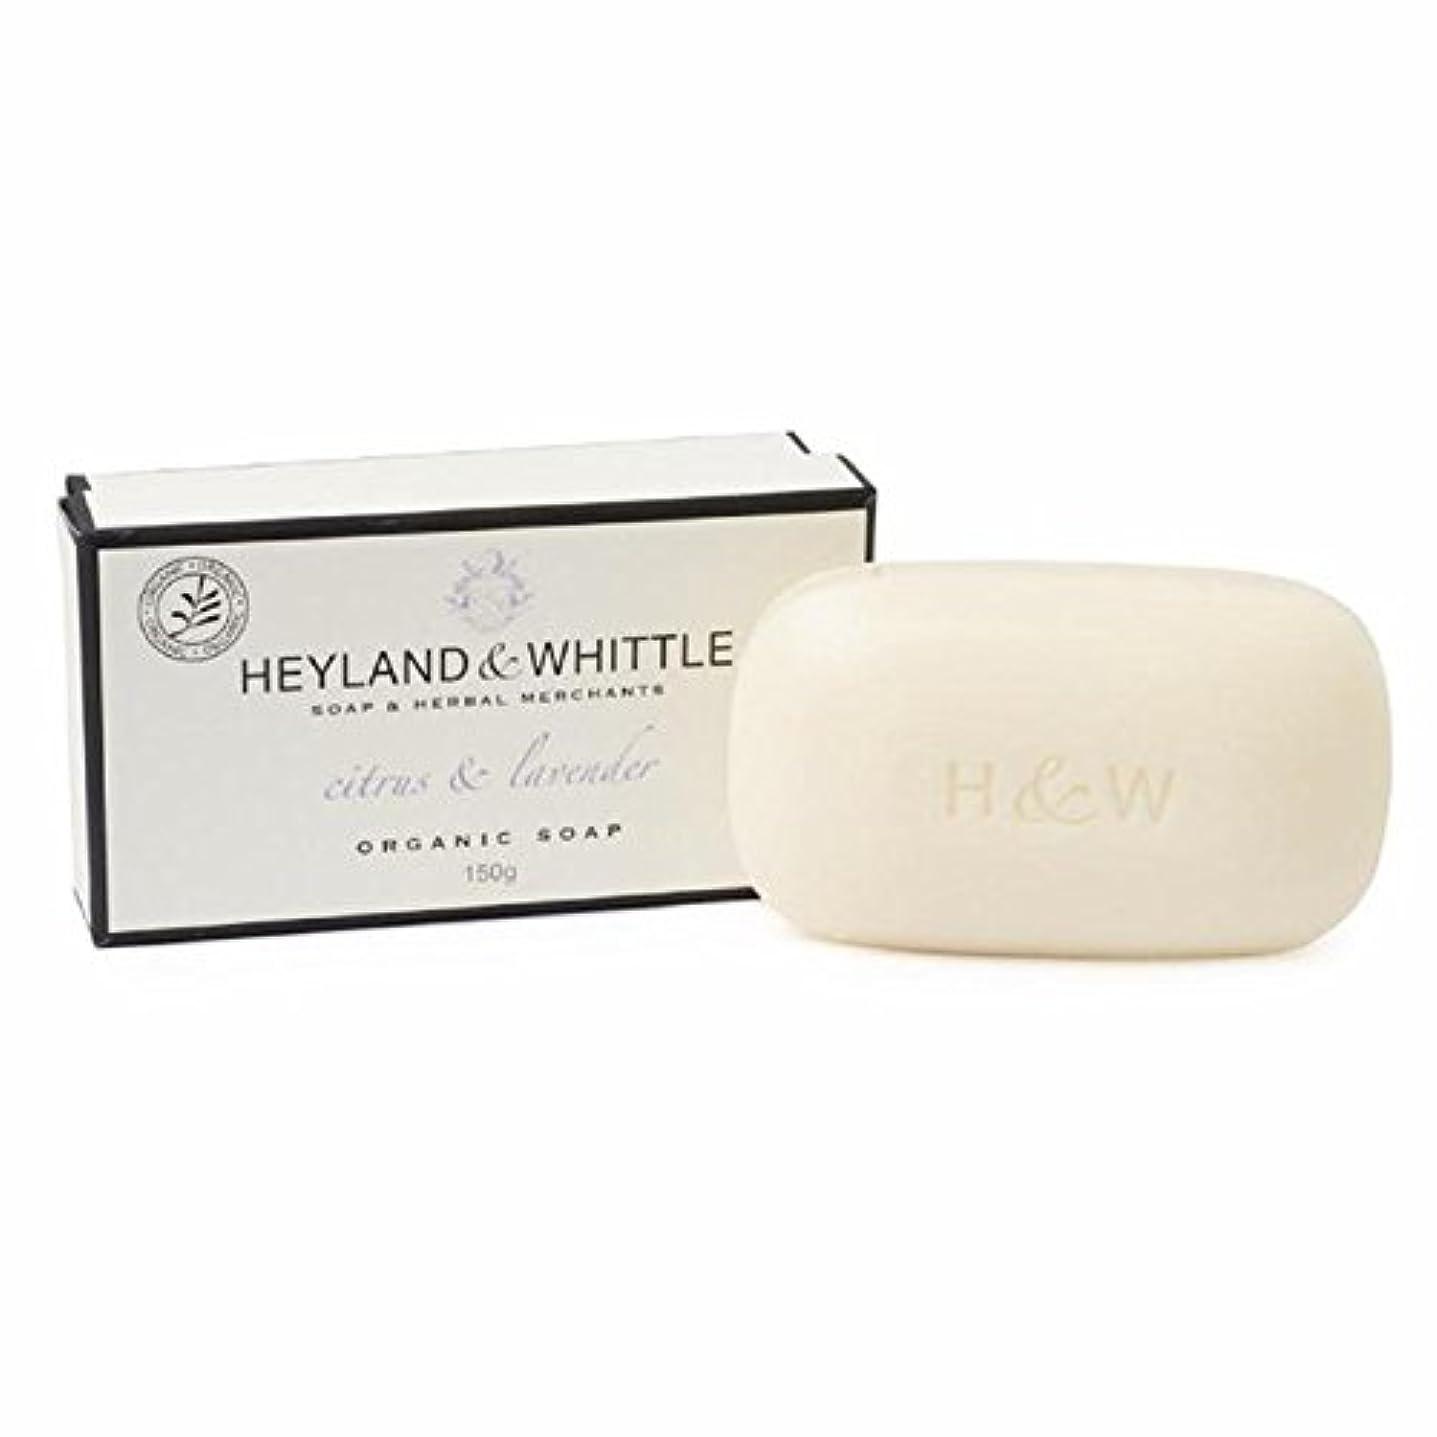 パンツ長いですアマゾンジャングル&削るシトラス&ラベンダーは、有機石鹸150グラム箱入り x2 - Heyland & Whittle Citrus & Lavender Boxed Organic Soap 150g (Pack of 2) [並行輸入品]